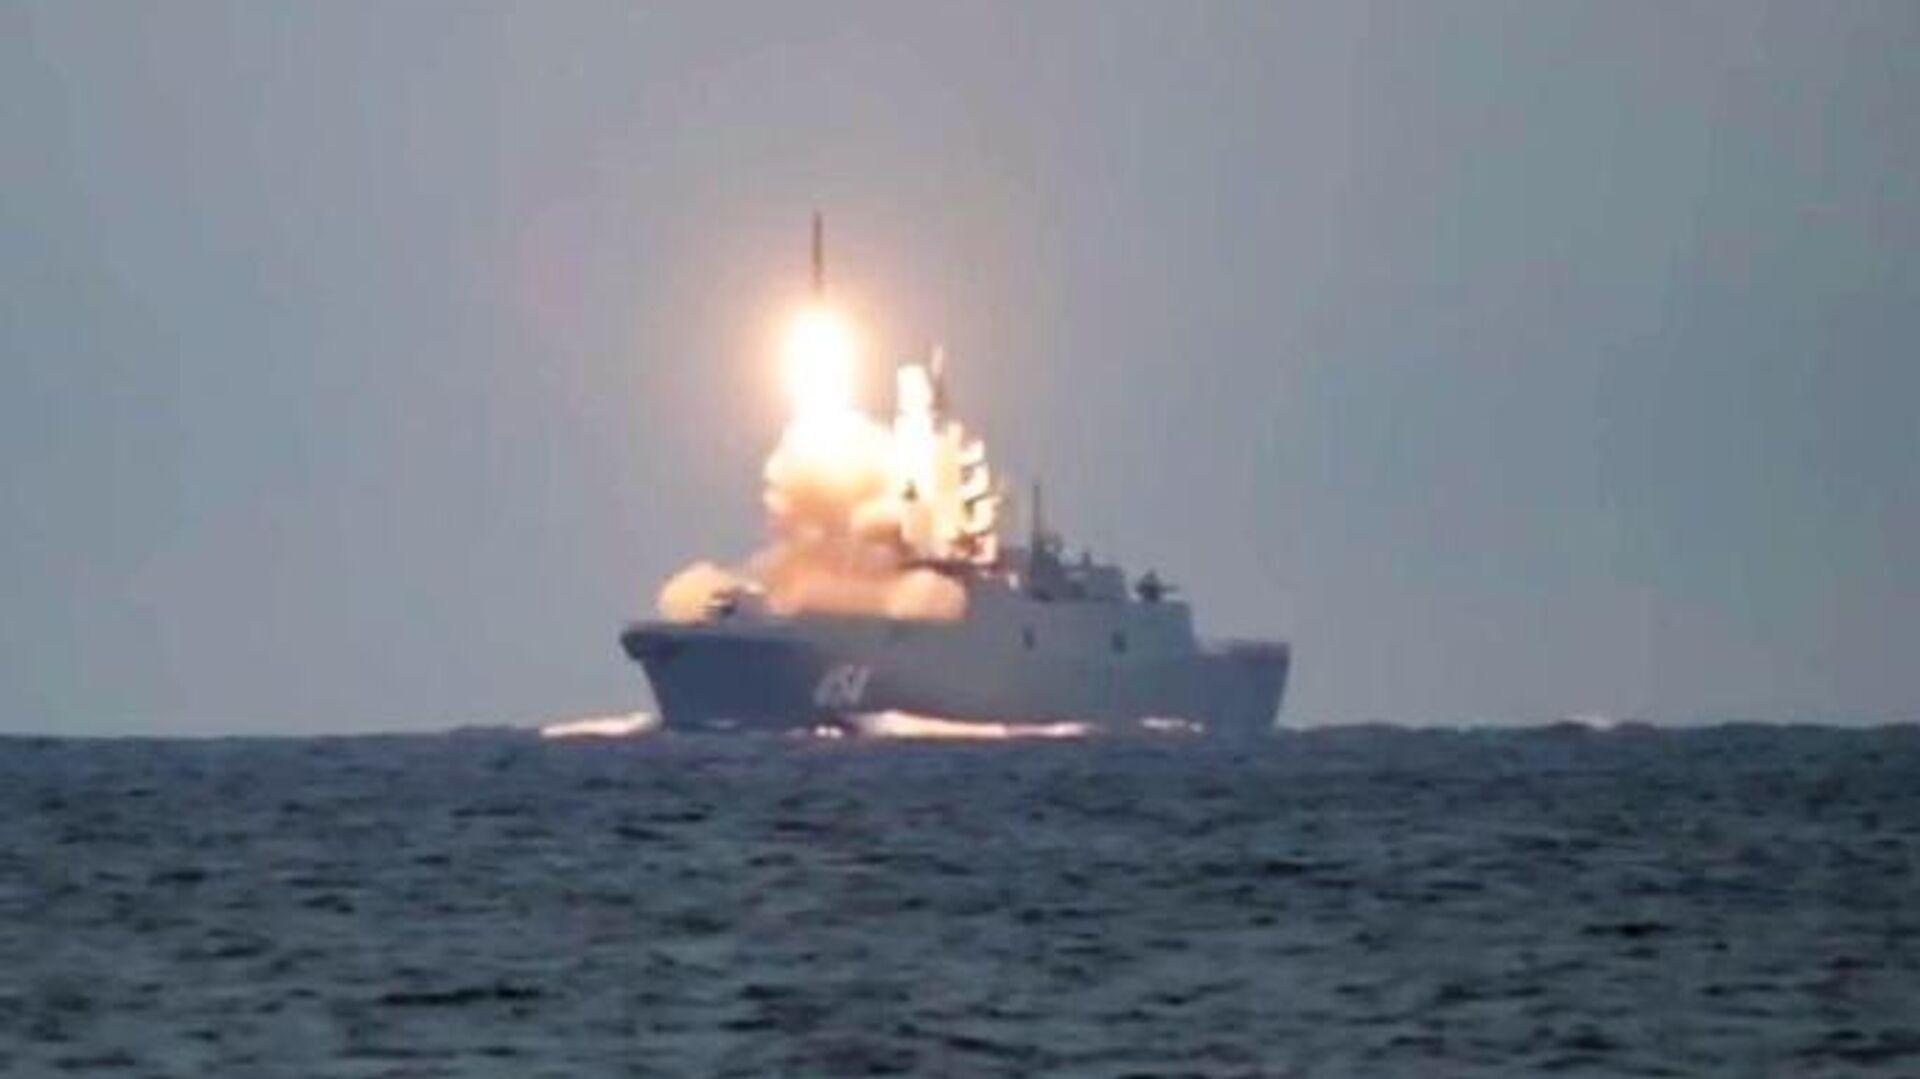 Первый запуск гиперзвуковой ракеты Циркон с фрегата Адмирал Горшков в Белом море по морской цели в Баренцевом море - РИА Новости, 1920, 08.10.2020